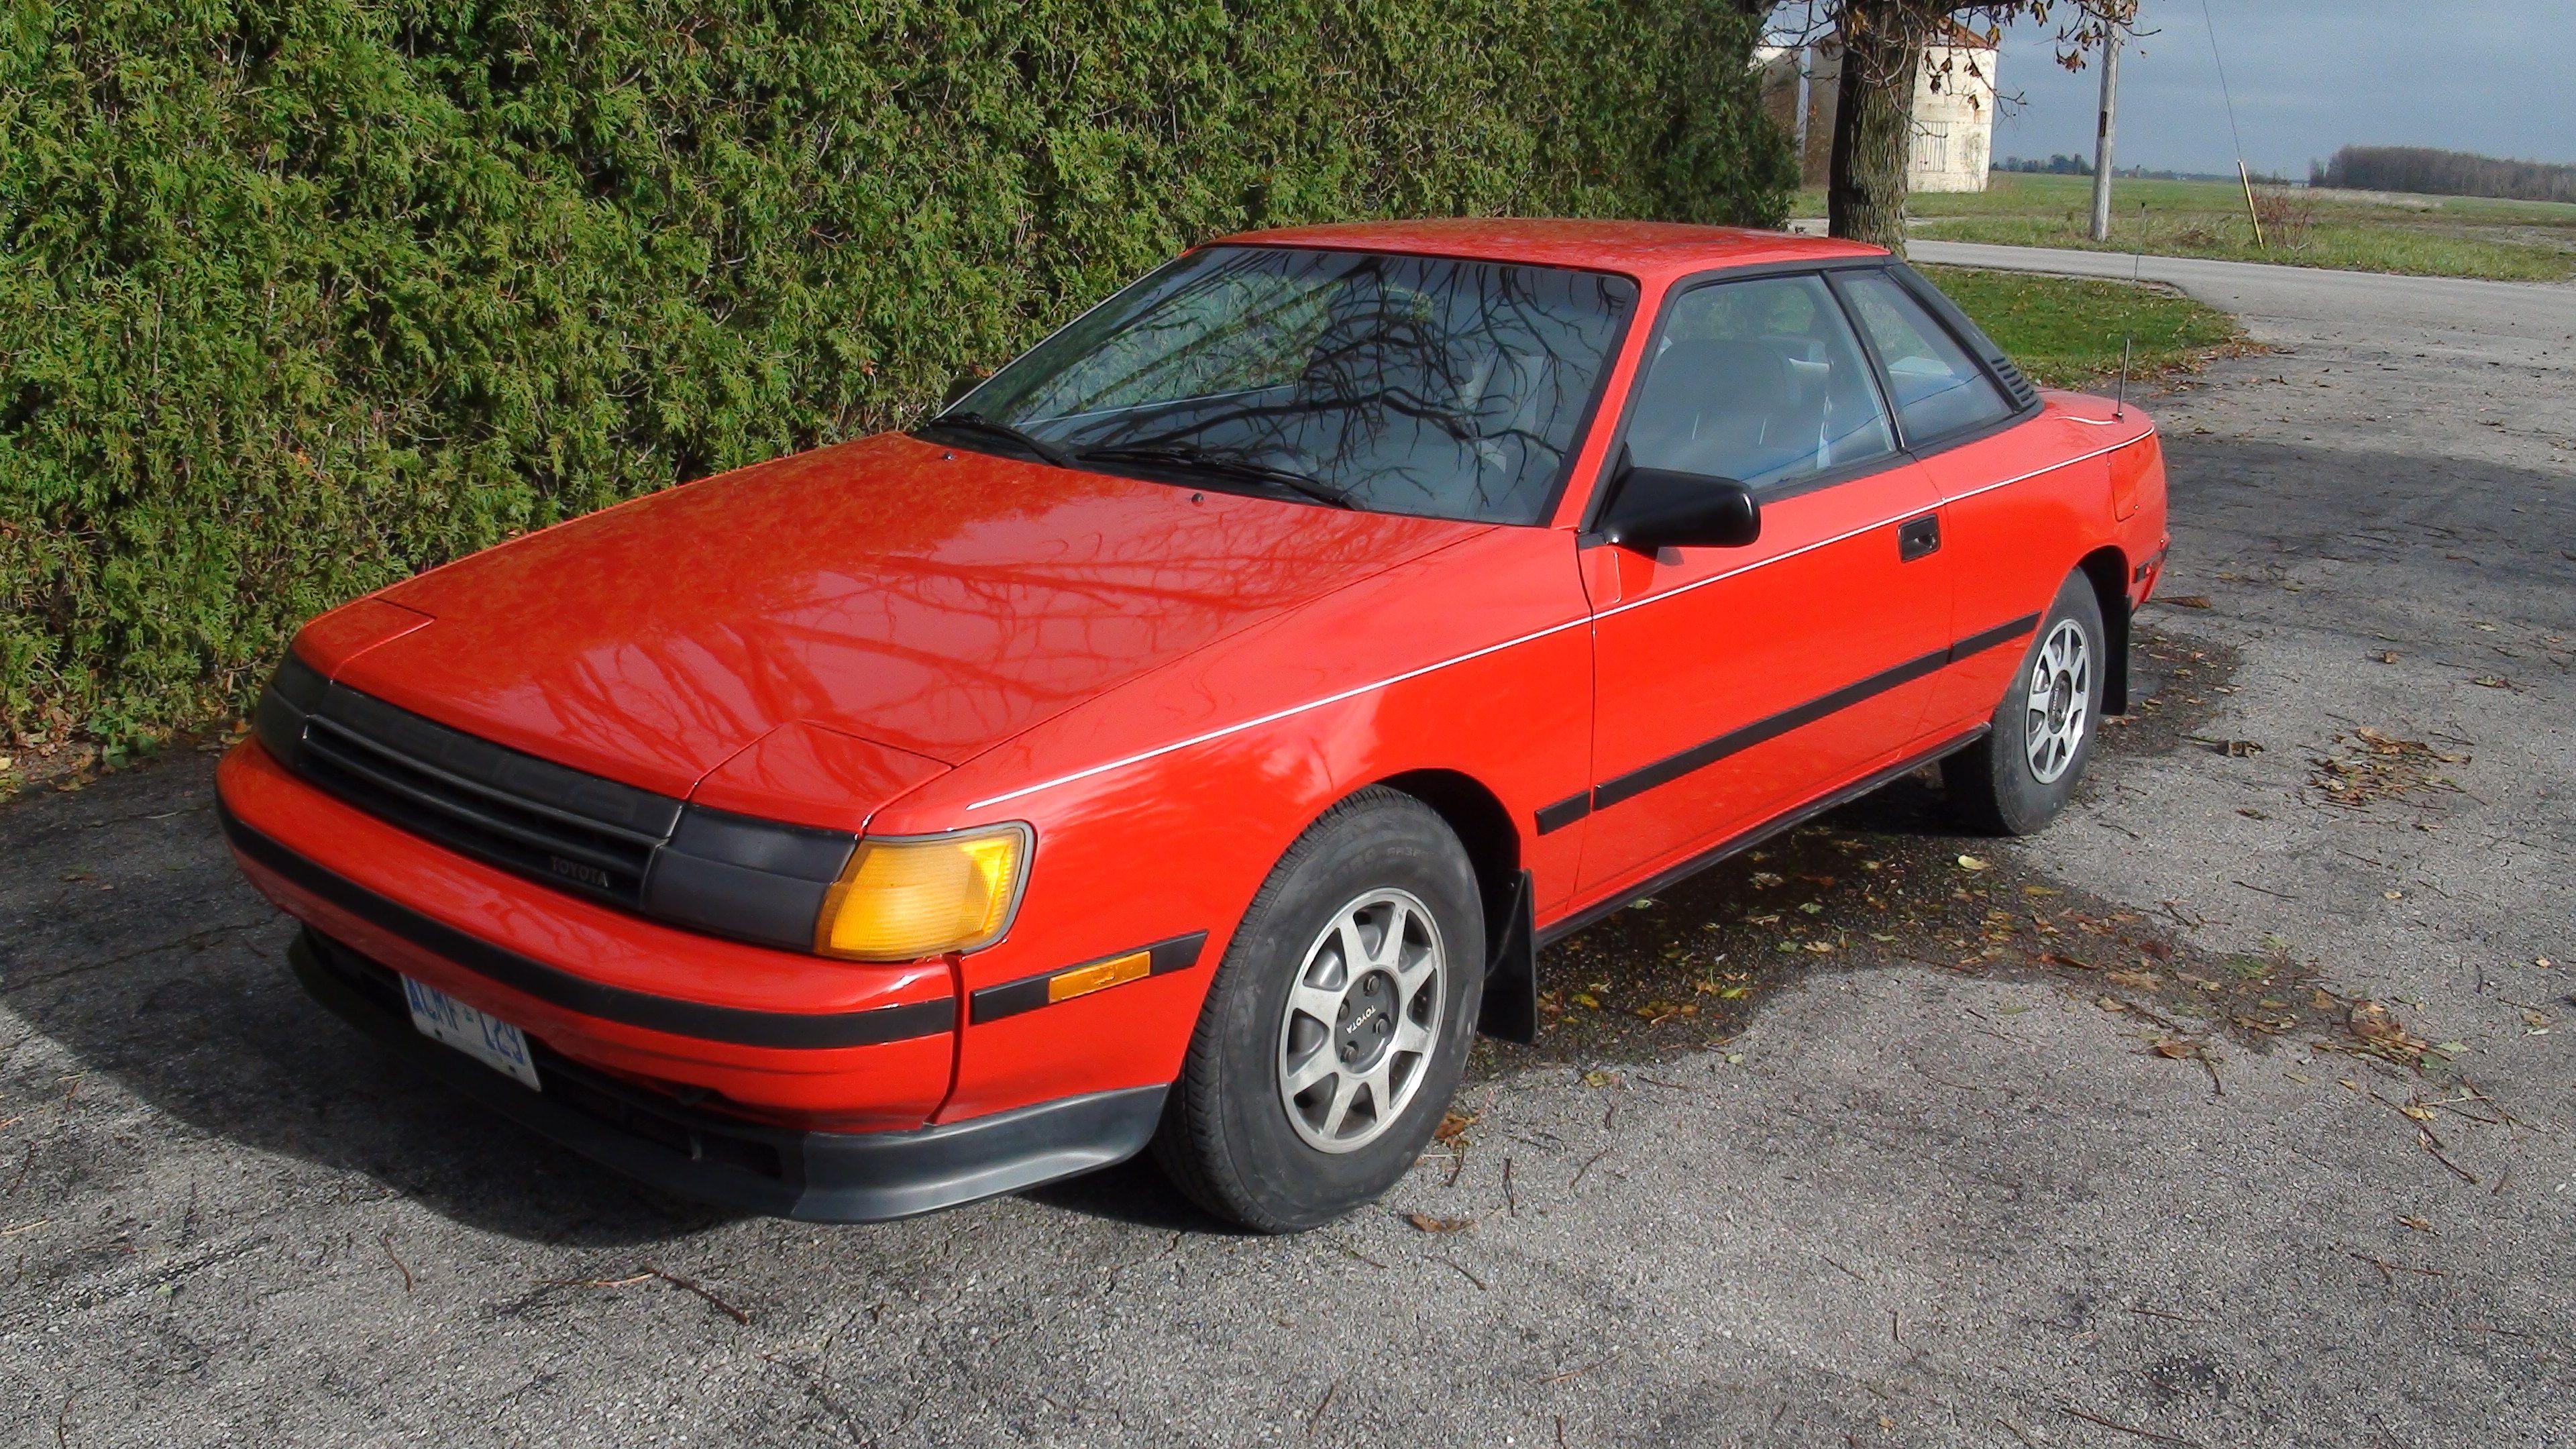 Kelebihan Toyota Celica 1986 Top Model Tahun Ini